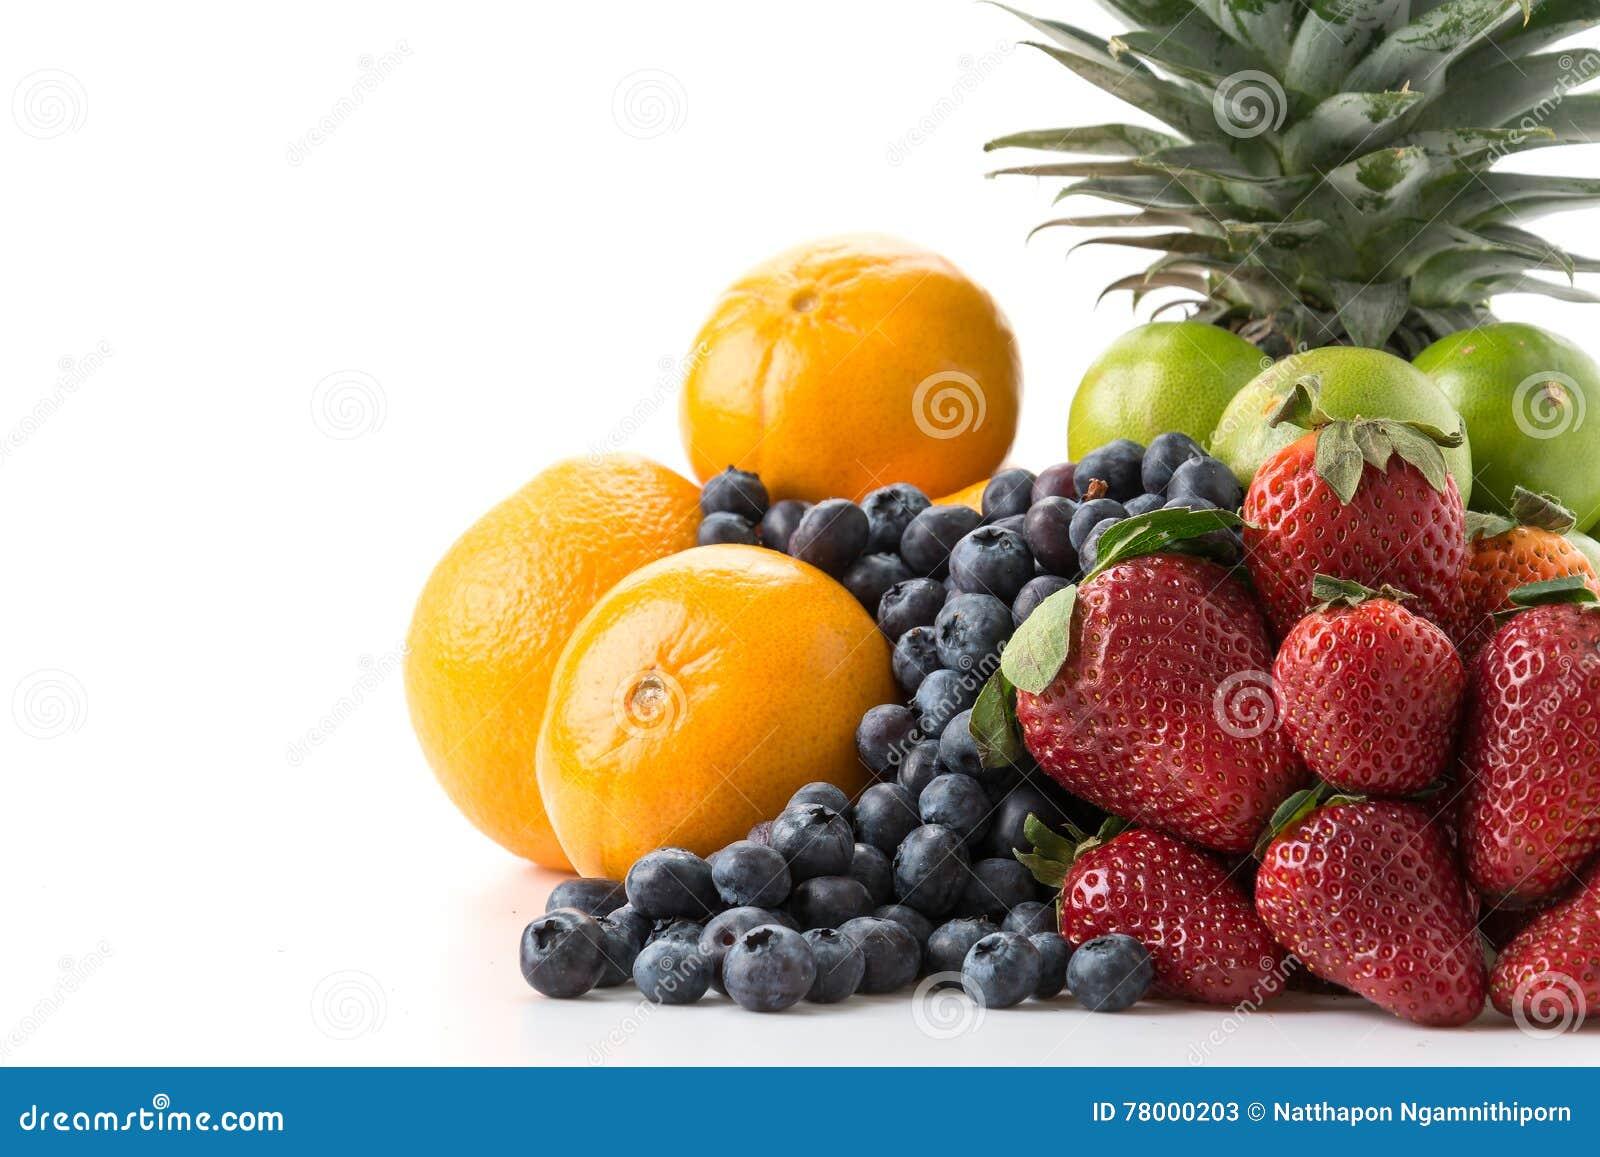 Frucht sind zum Körper nützlich